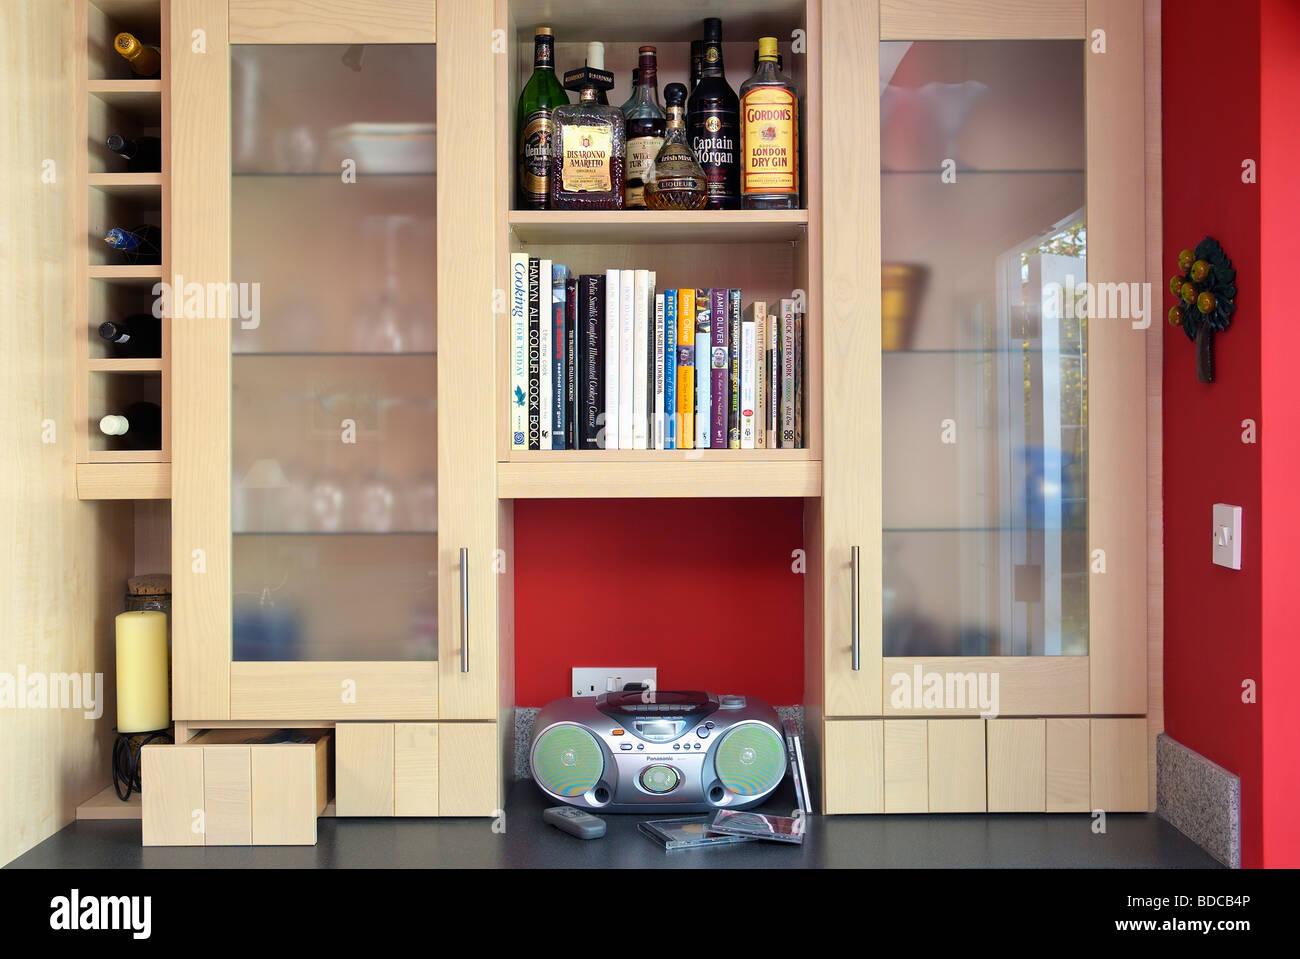 Cupboards Glass Glass Stockfotos & Cupboards Glass Glass Bilder - Alamy